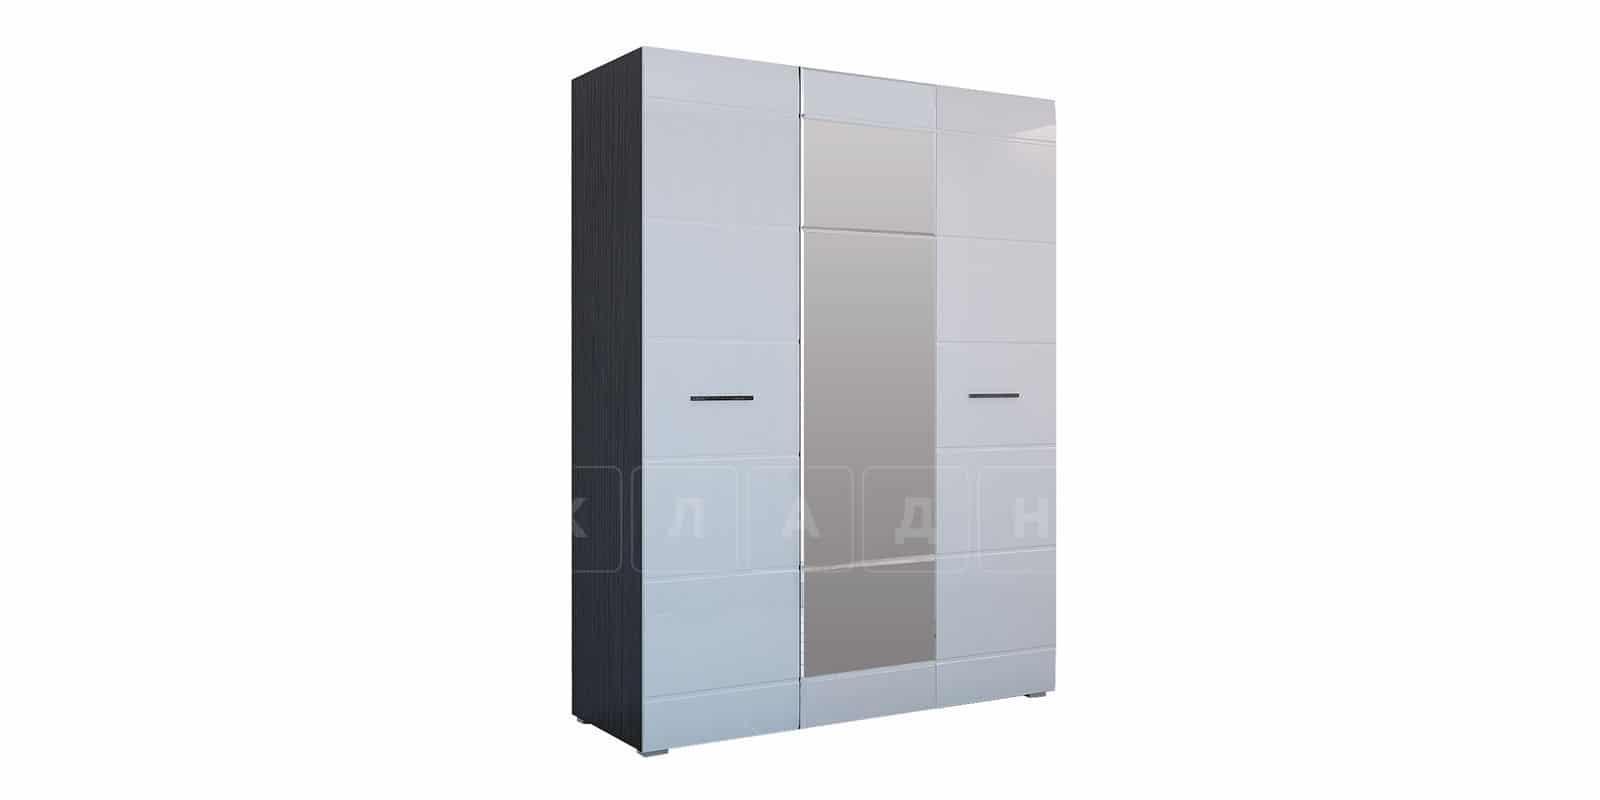 Шкаф распашной Римини трехдверный с зеркалом фото 1 | интернет-магазин Складно